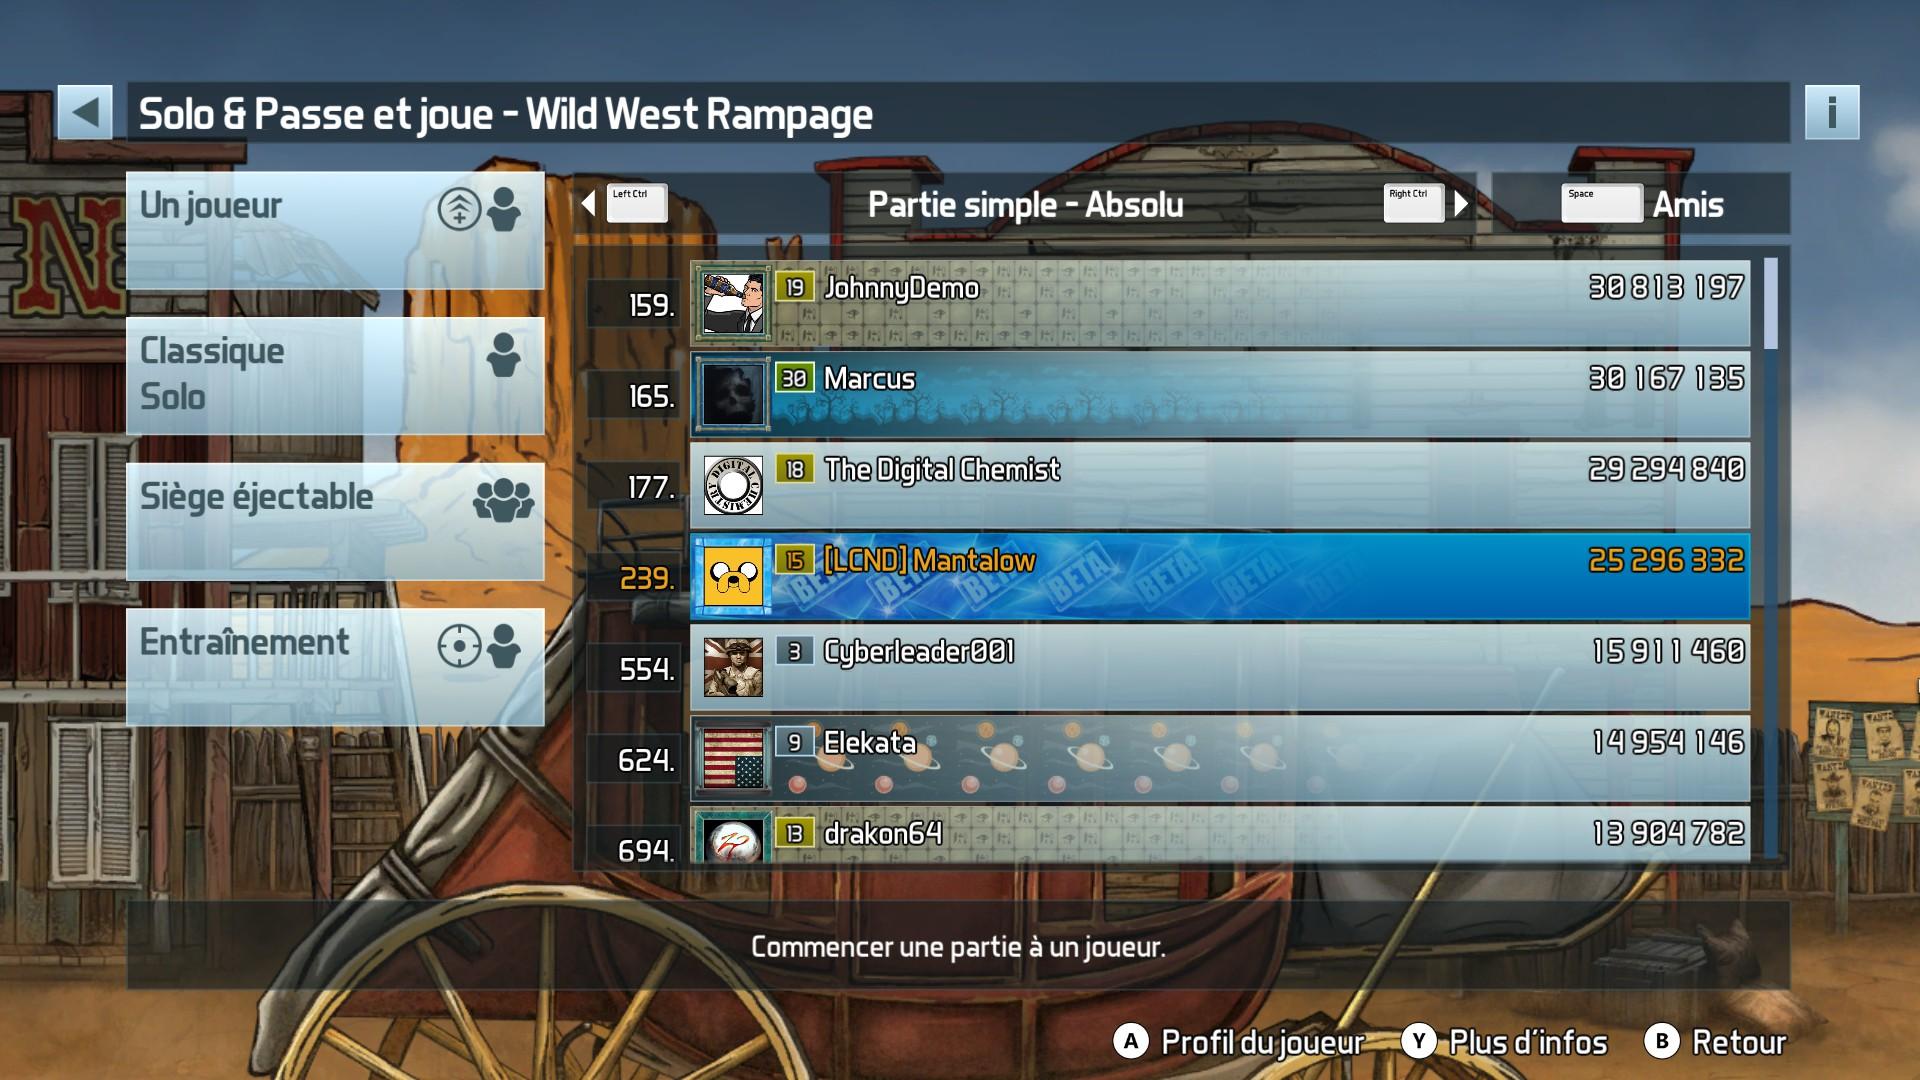 Pinball FX3: Wild West Rampage 25,296,332 points